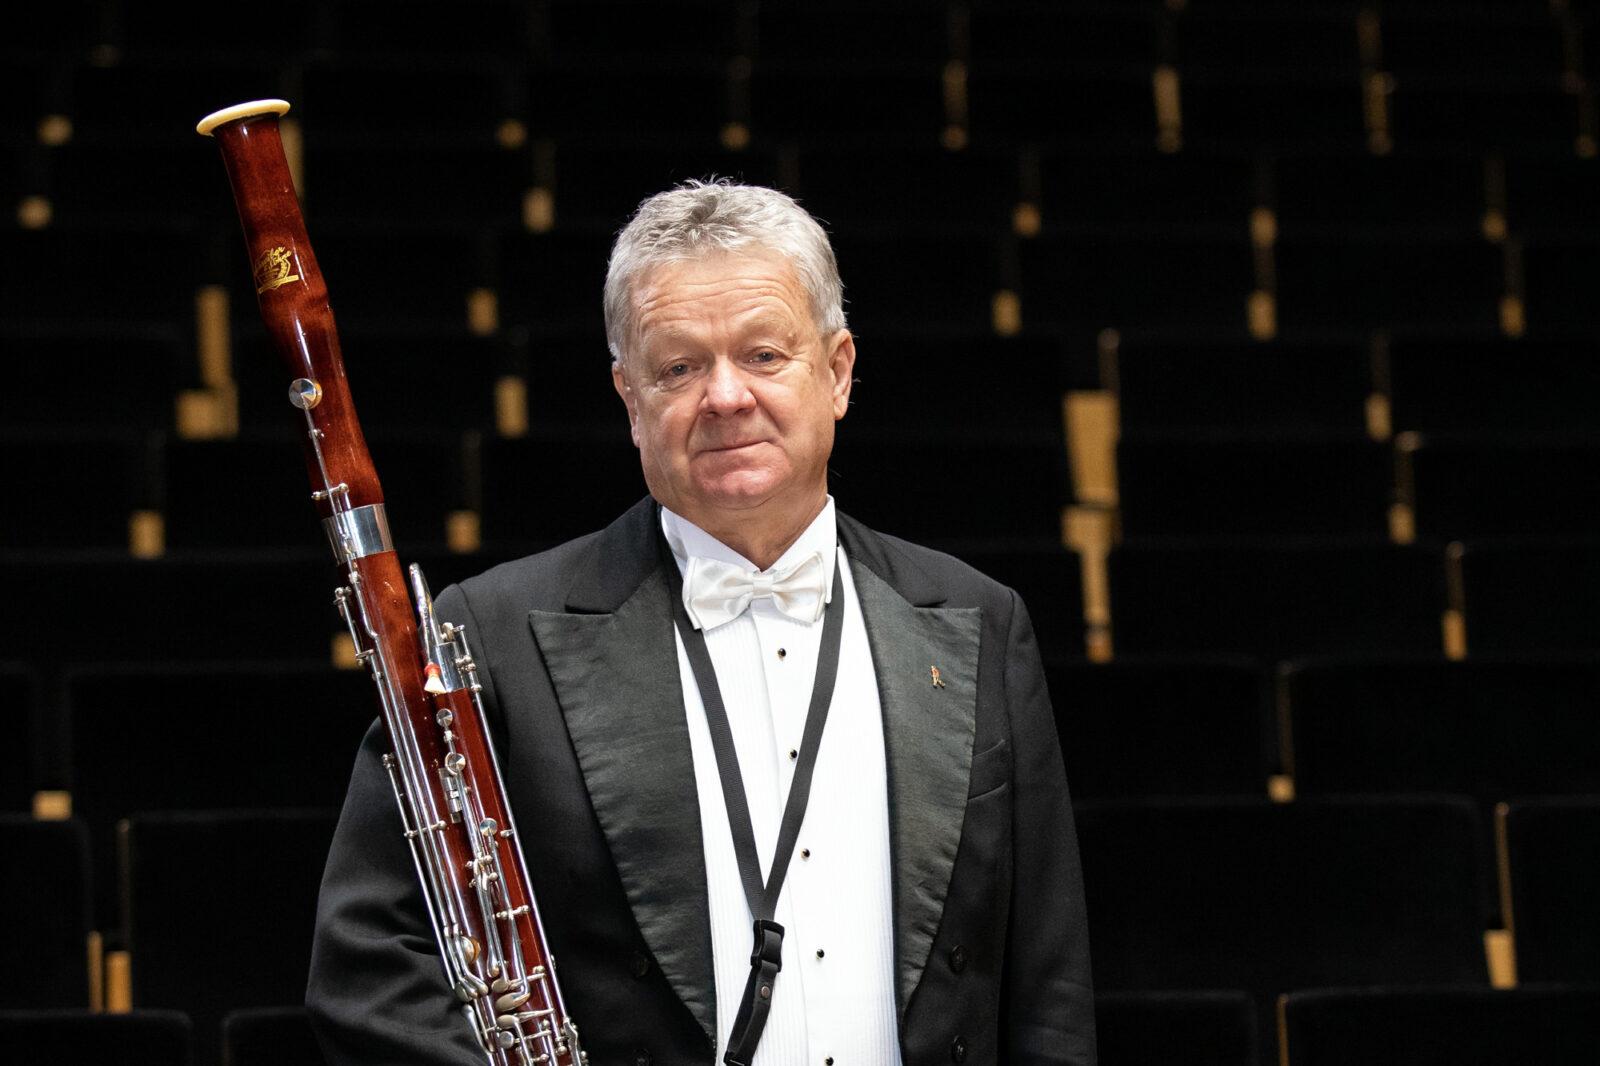 Zdjęcie Wiesława Kapronia z fagotem na tle miejsc na sali koncertowej